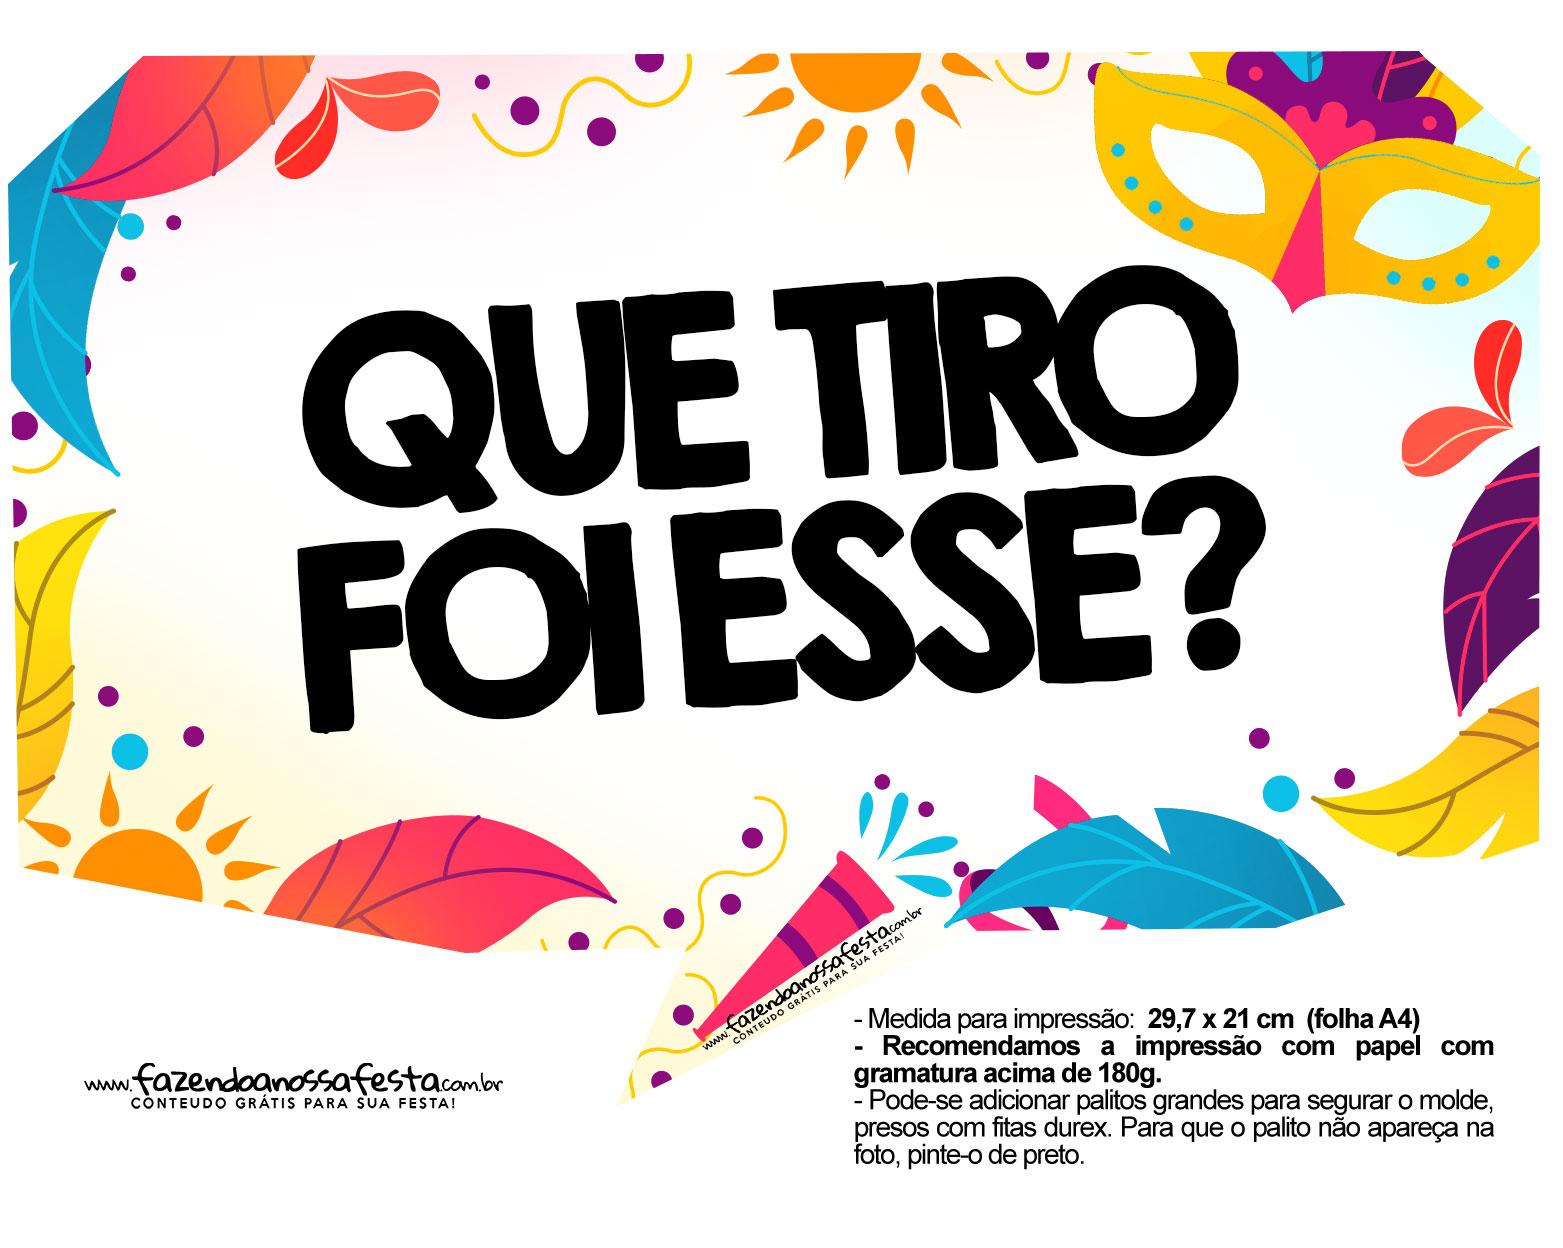 Plaquinhas divertidas de Carnaval gratis 11